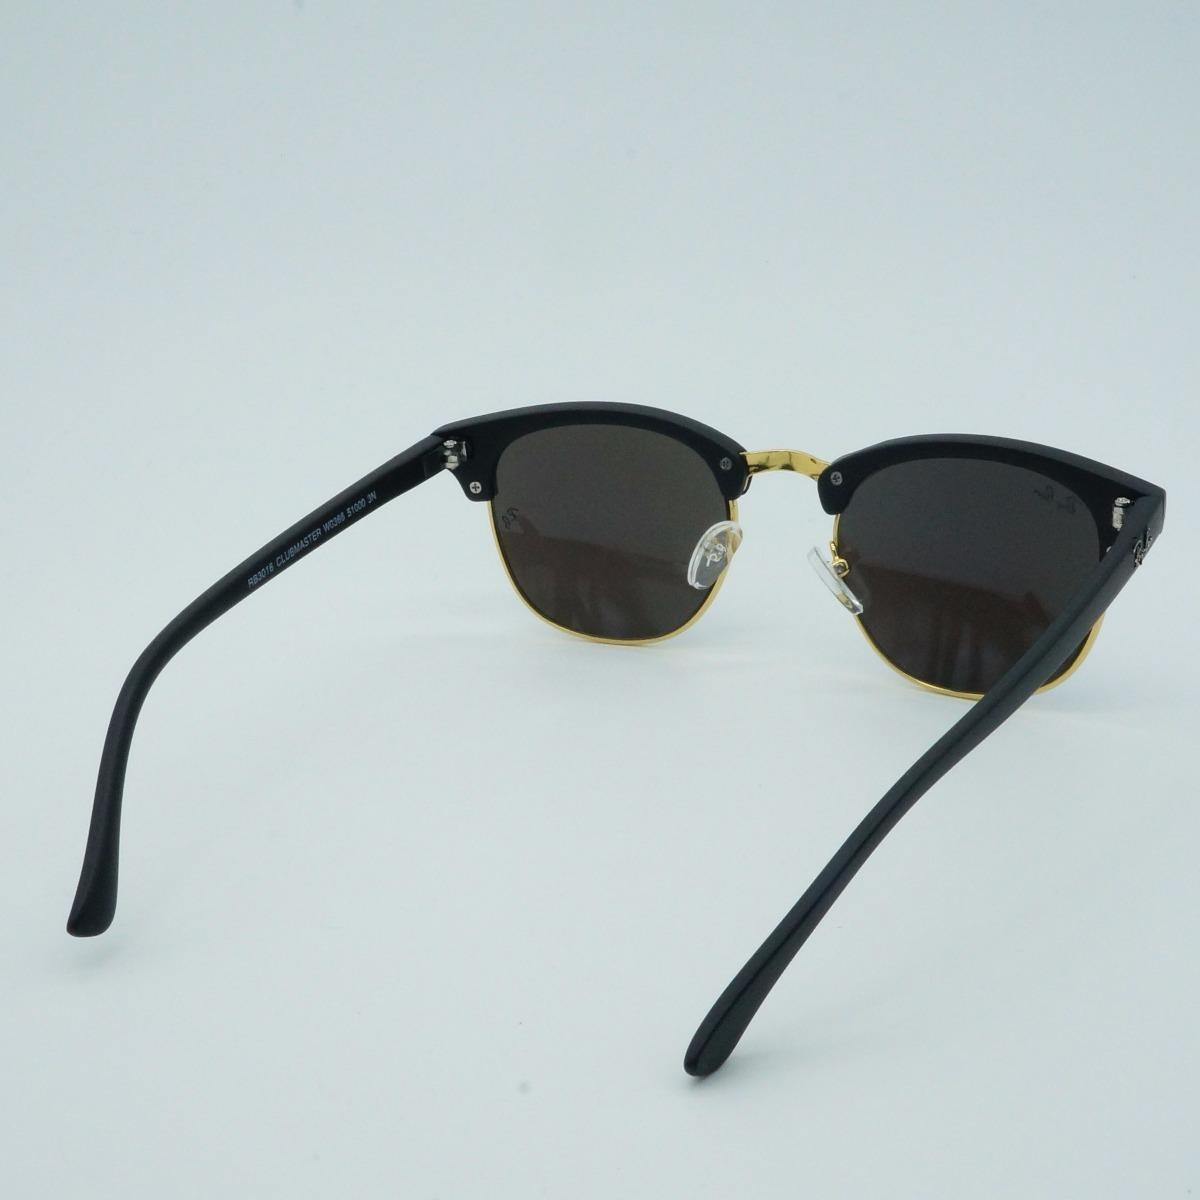 caee45bcabe7f Oculos De Sol Quadrado Retro Feminino Clubmaster 3016 Marrom - R  69 ...